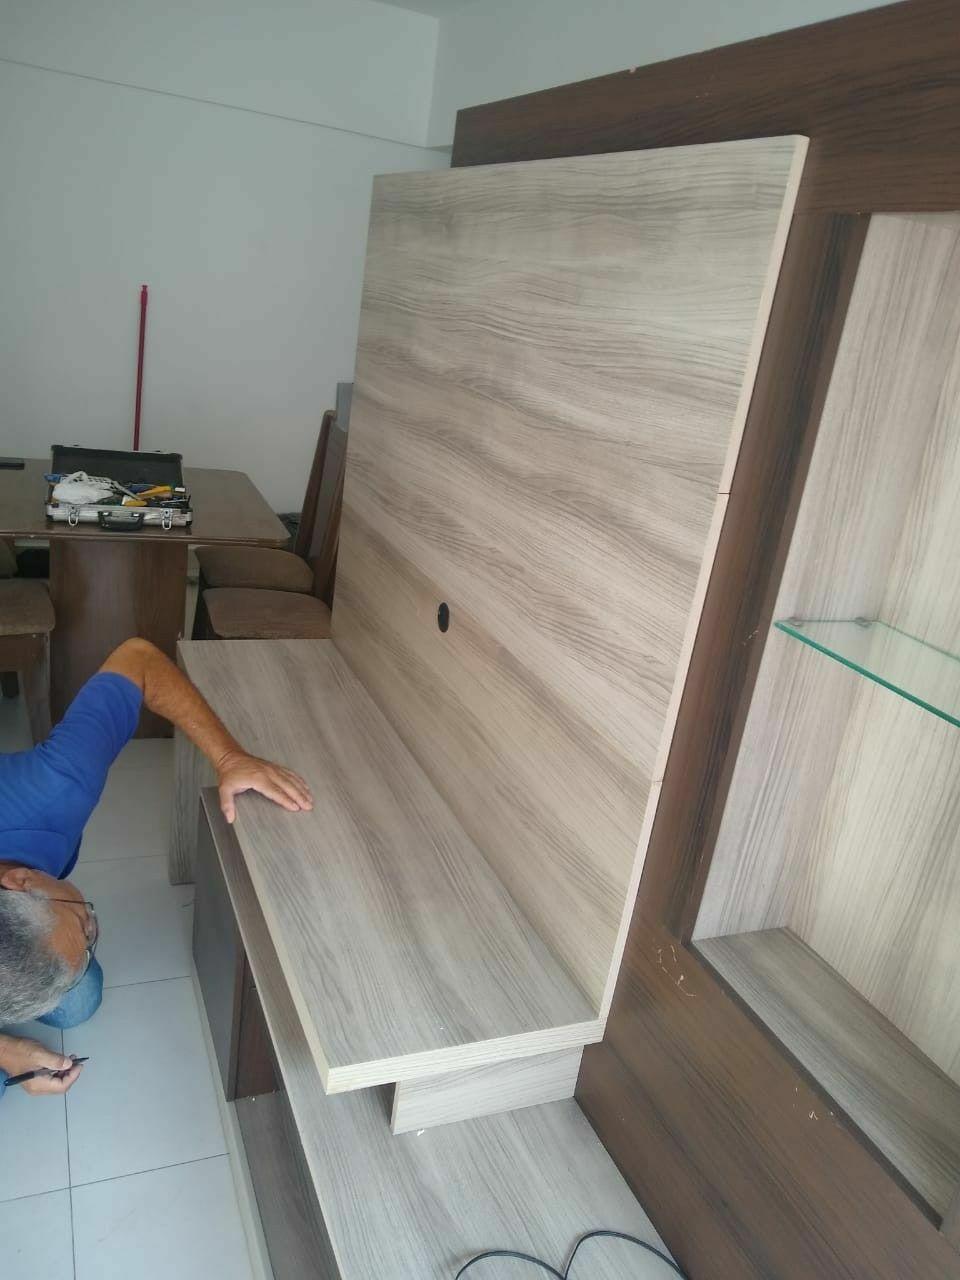 Montagem e desmontagem de móveis residenciais.